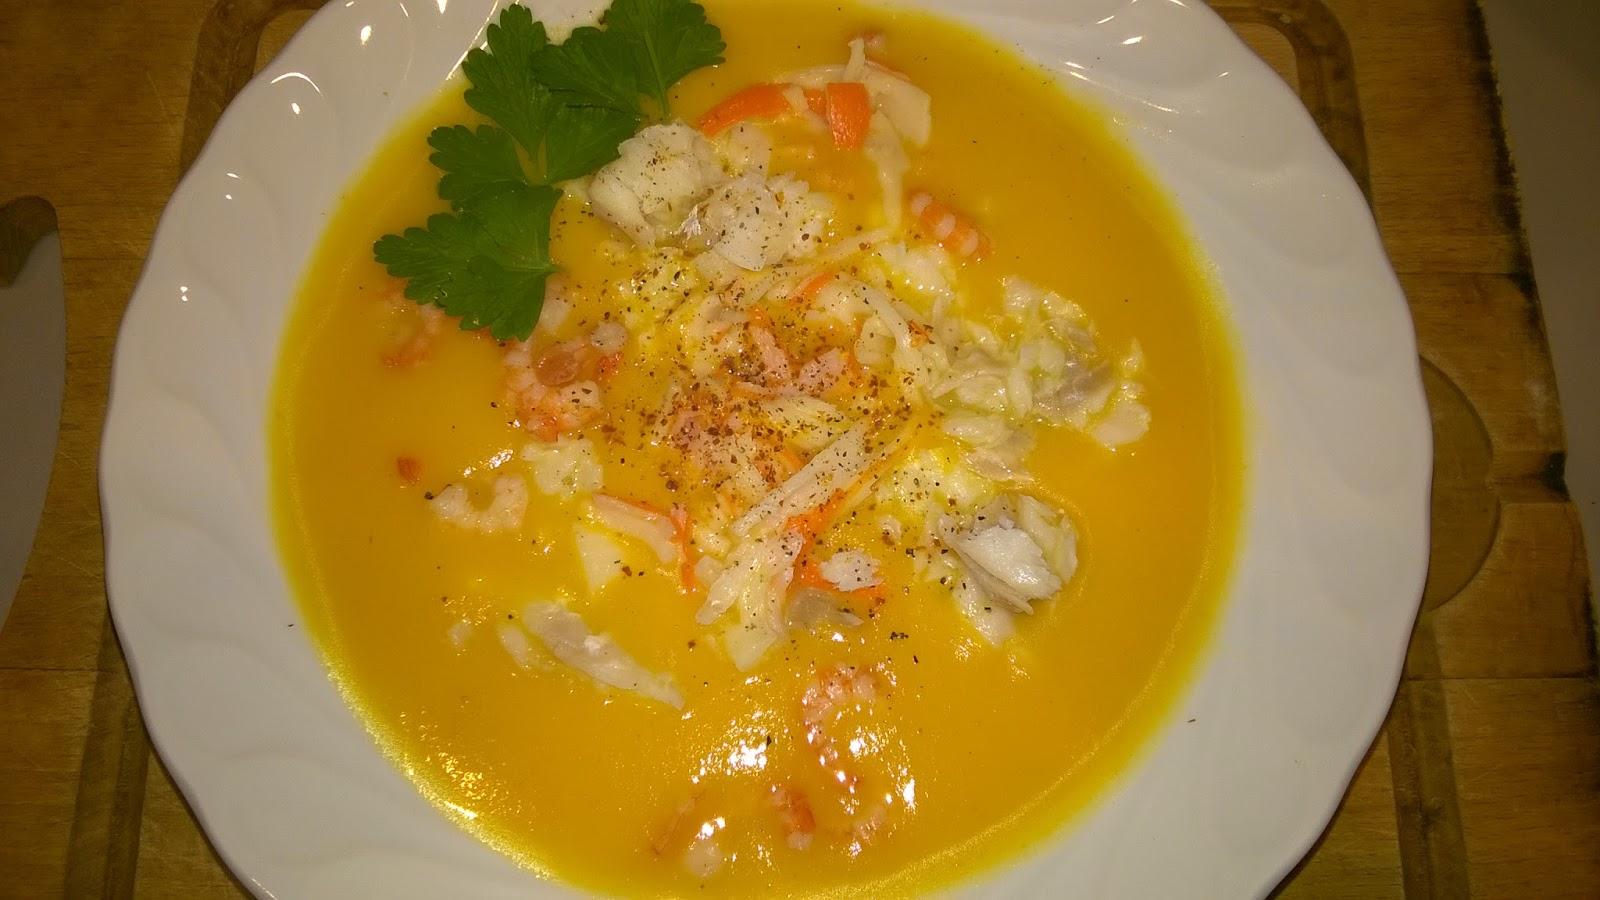 Mes julie gourmandises soupe de carottes et poisson thermomix - Soupe de brocolis thermomix ...